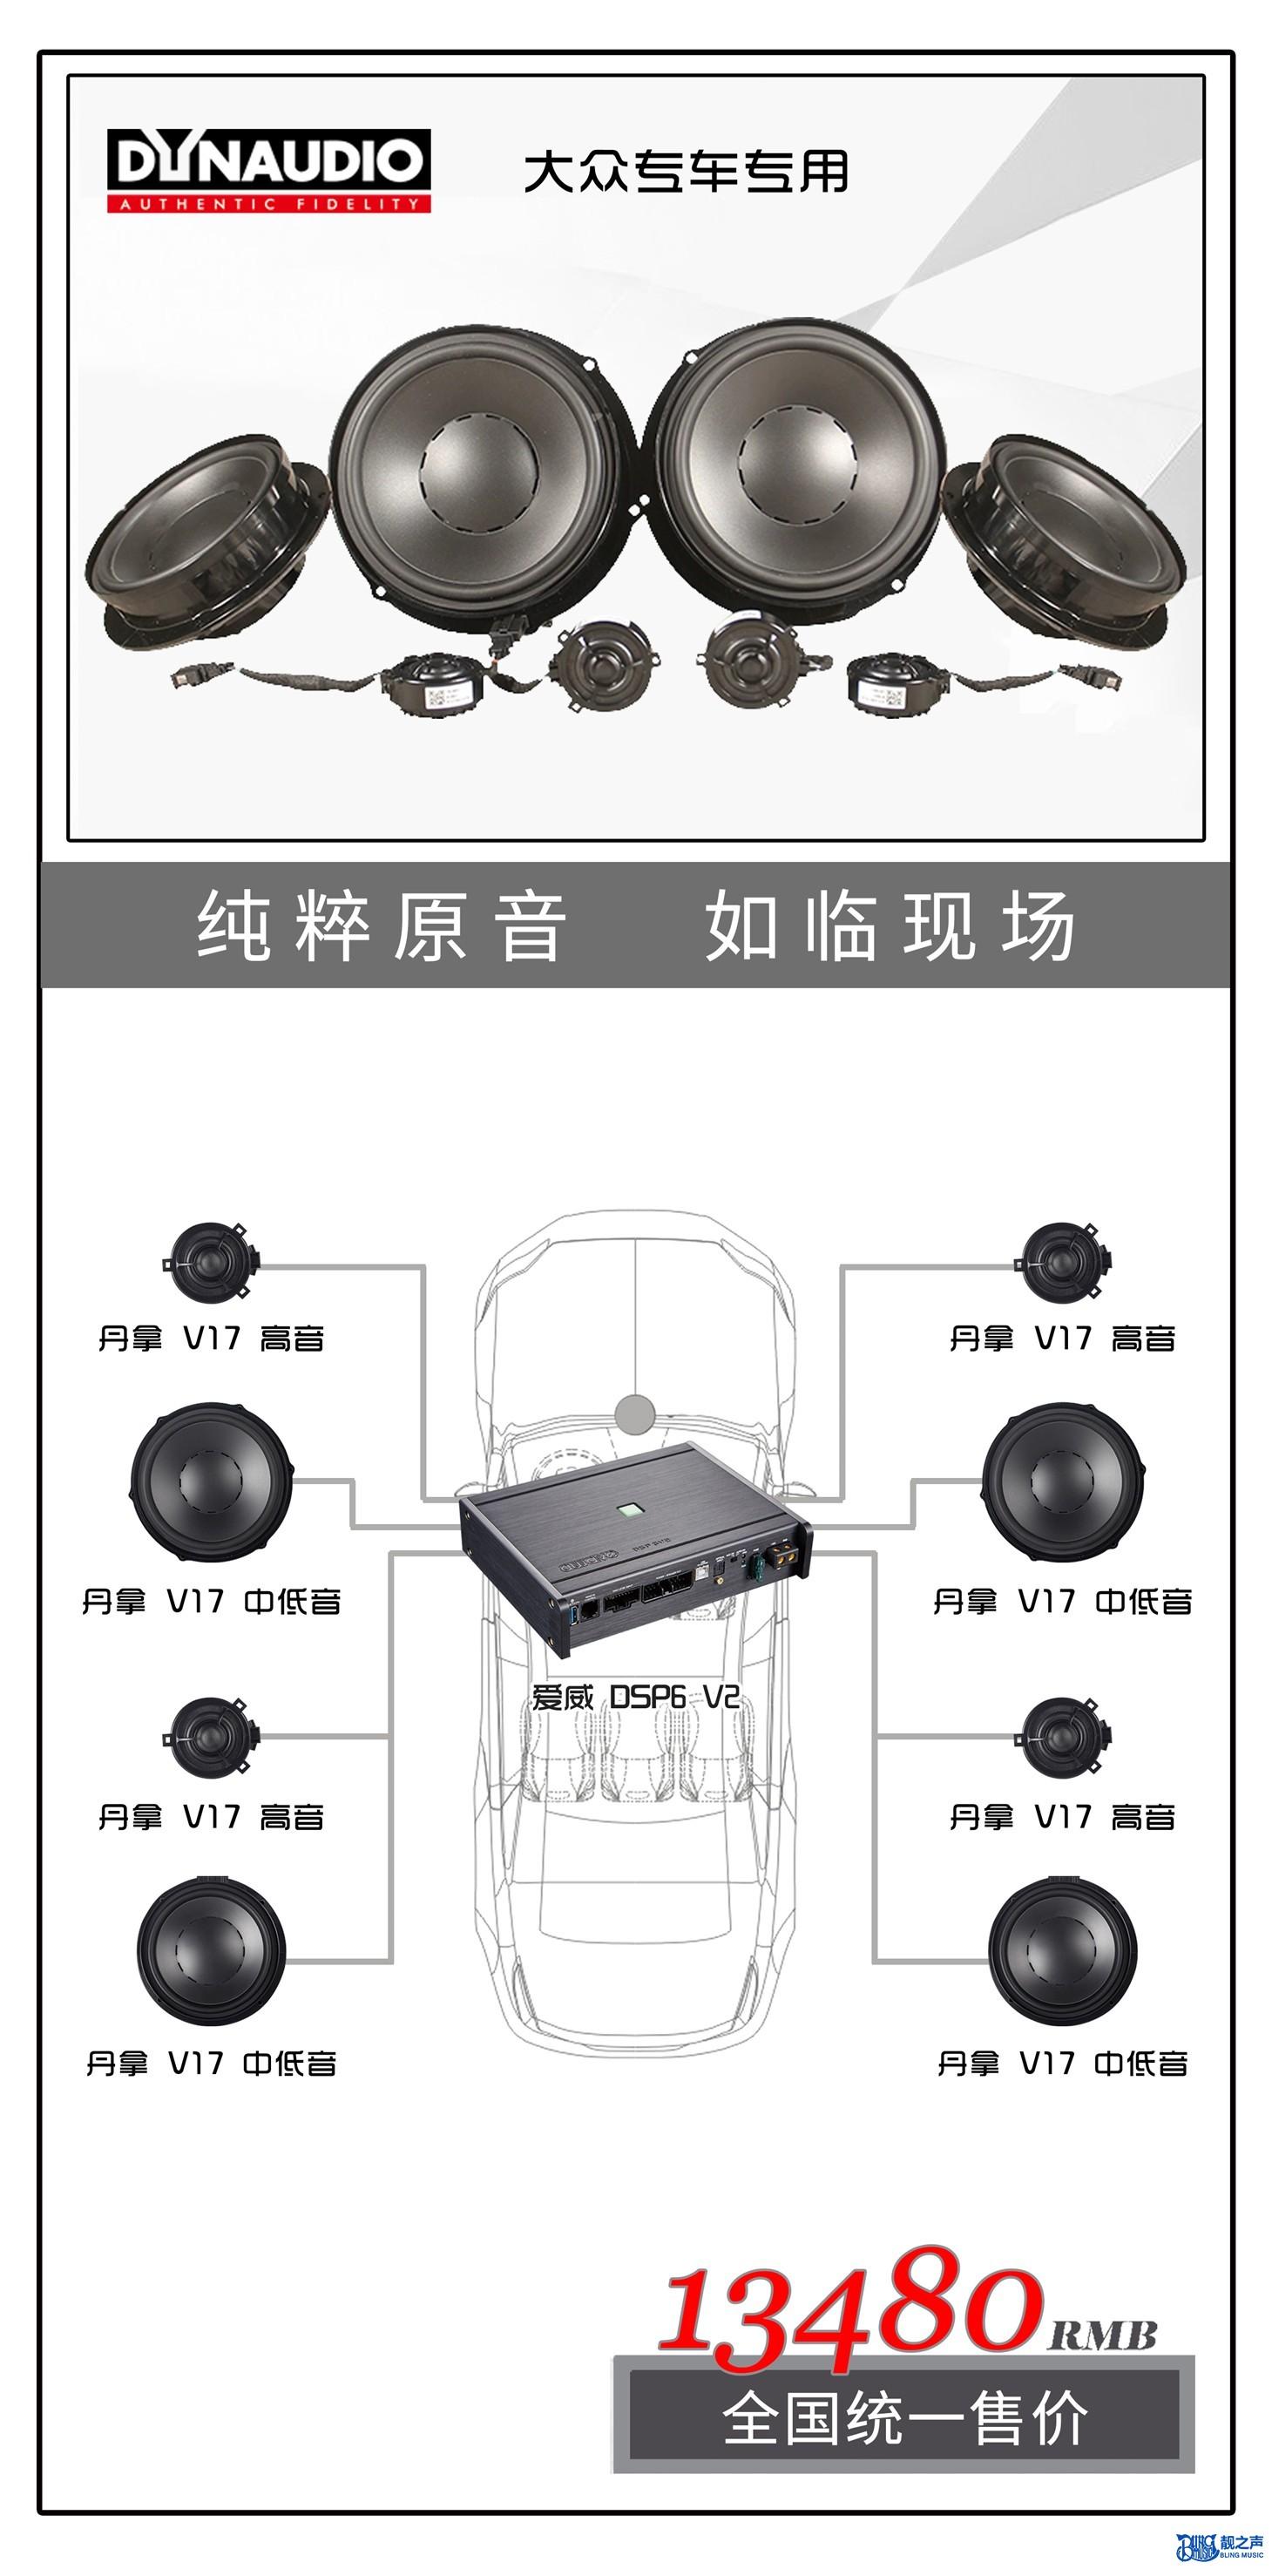 丹拿 M17 大众套餐图B.jpg